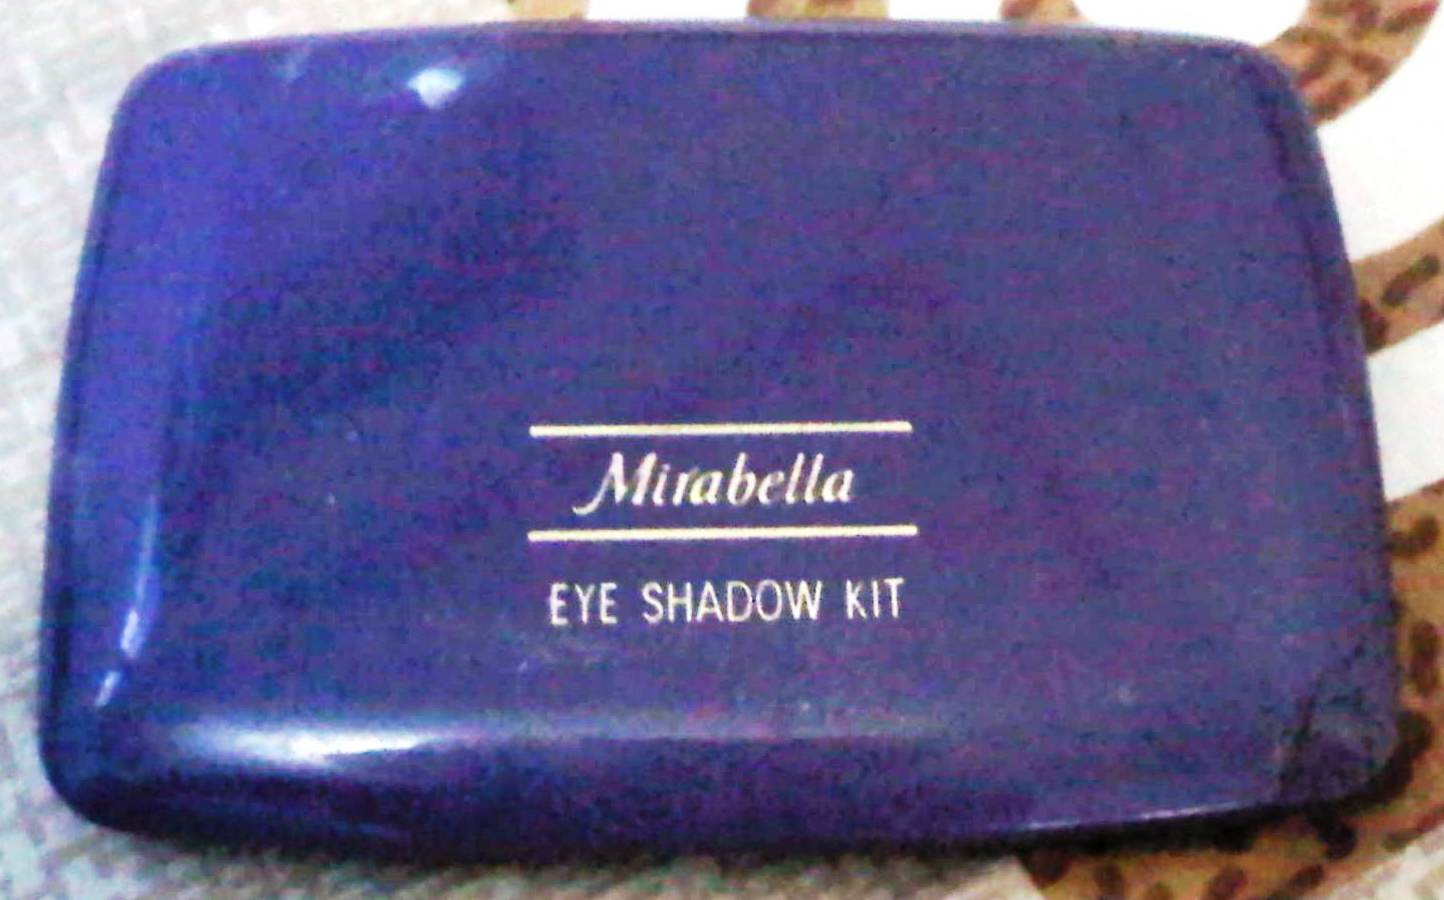 Racun Warna-Warni: Mirabella Eye Shadow Kit